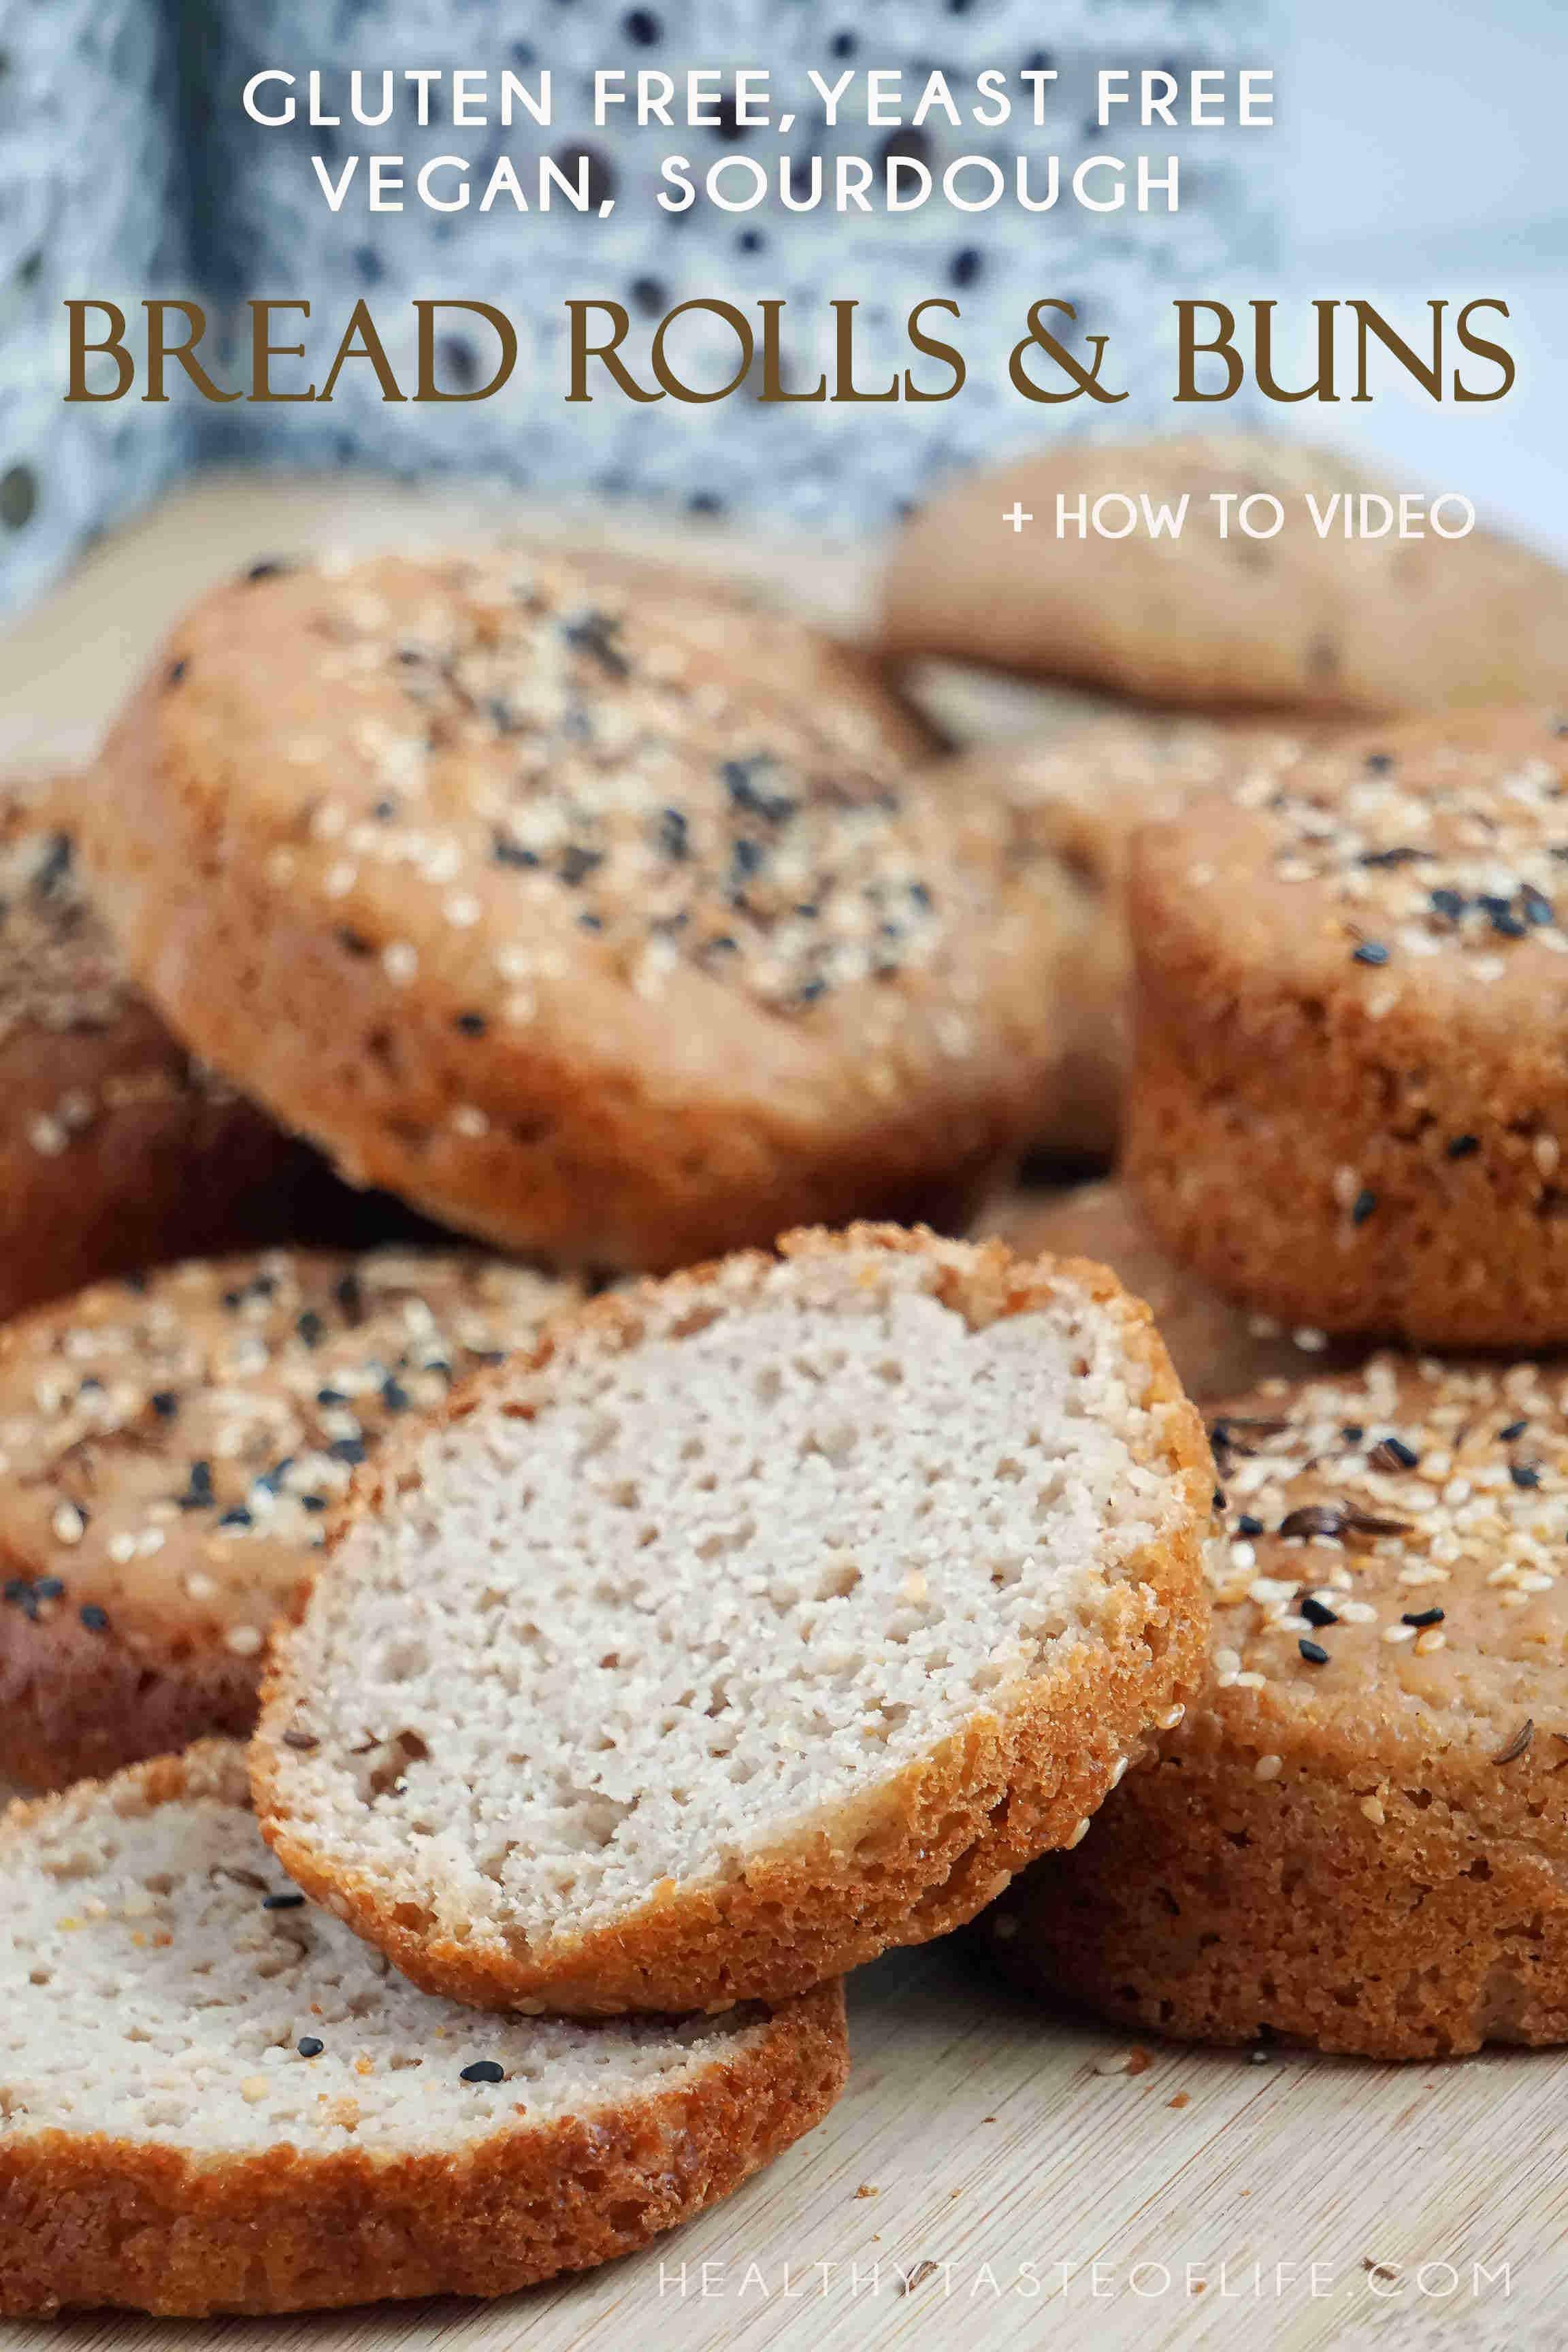 Vegan Gluten Free Hamburger Buns, Yeast Free Recipe